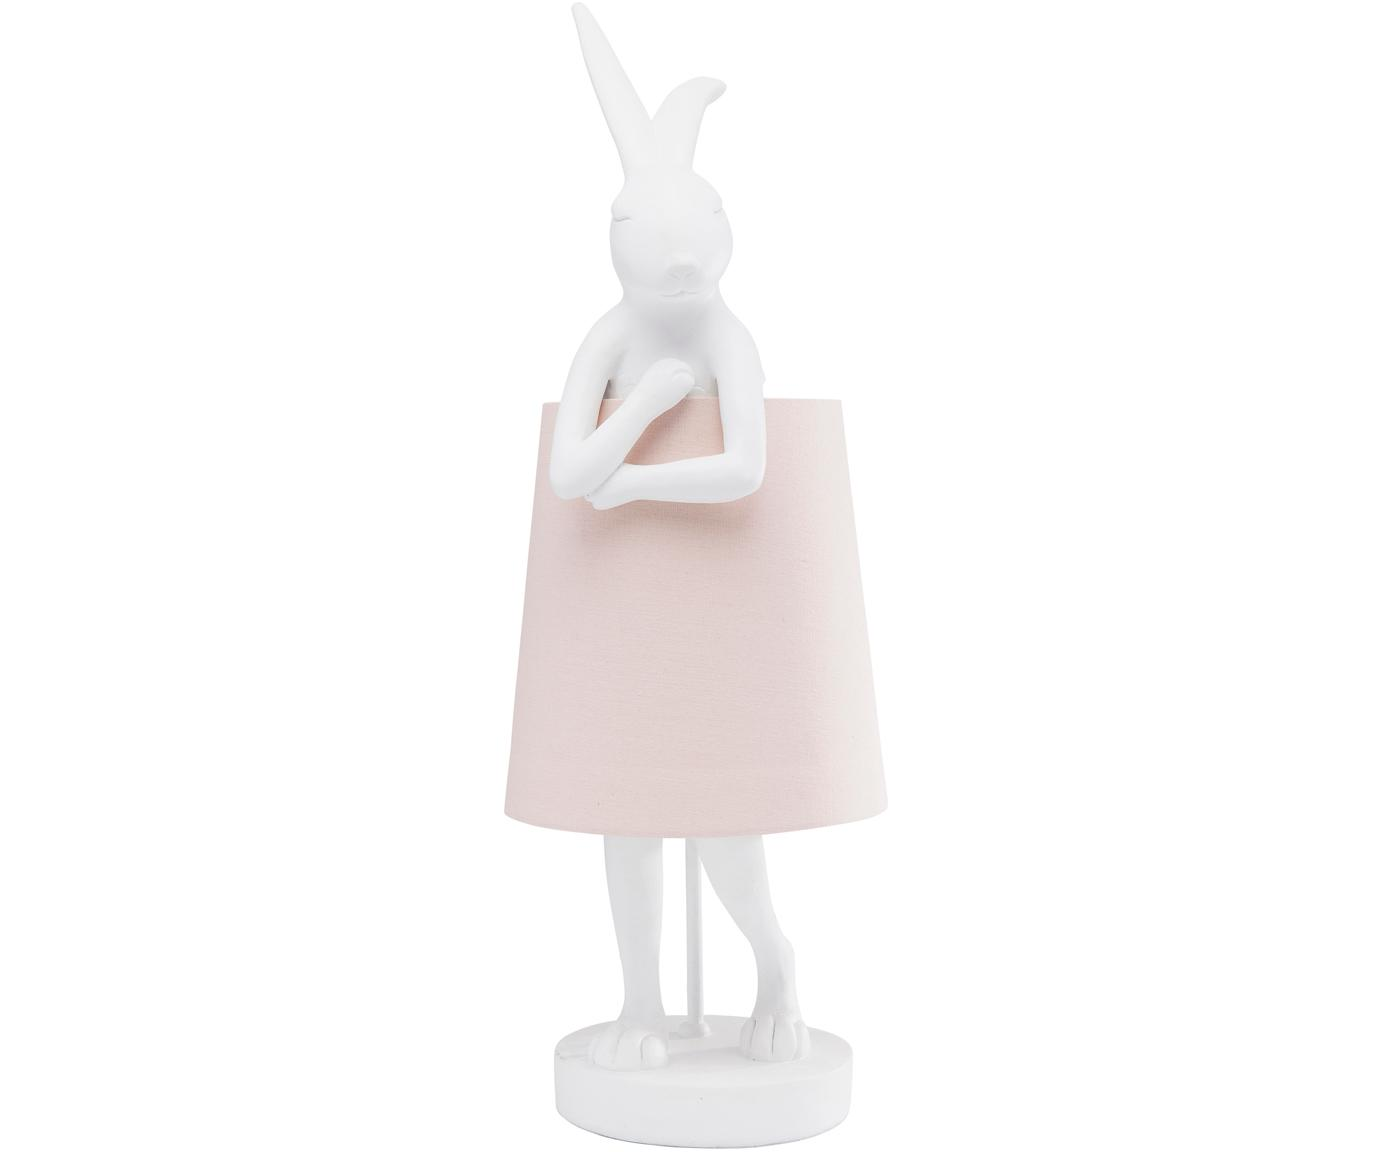 Lampa stołowa Rabbit, Stelaż: poliresing, Biały, blady różowy, Ø 23 x W 68 cm